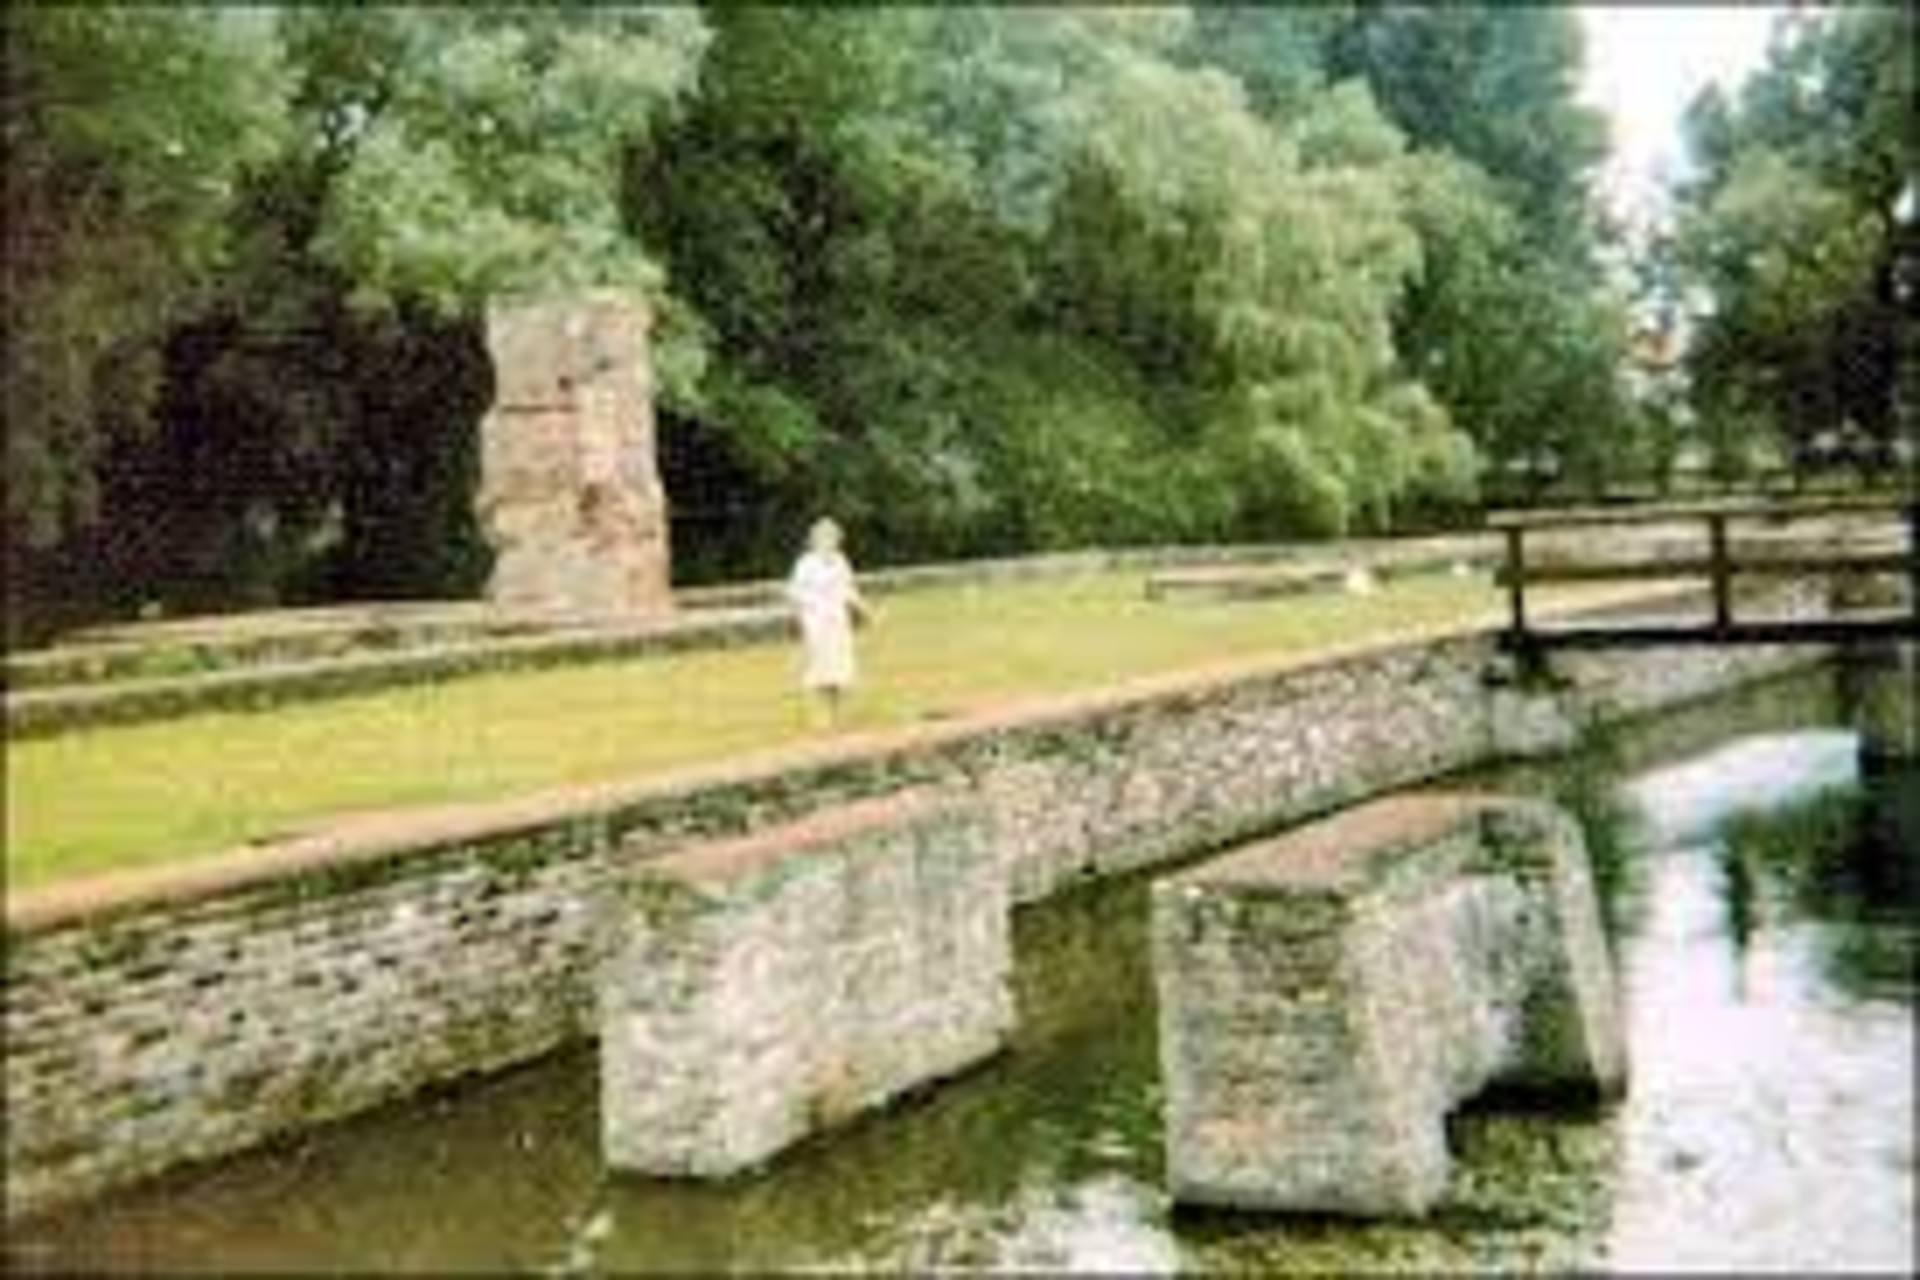 Slotruïne kasteel Egmond